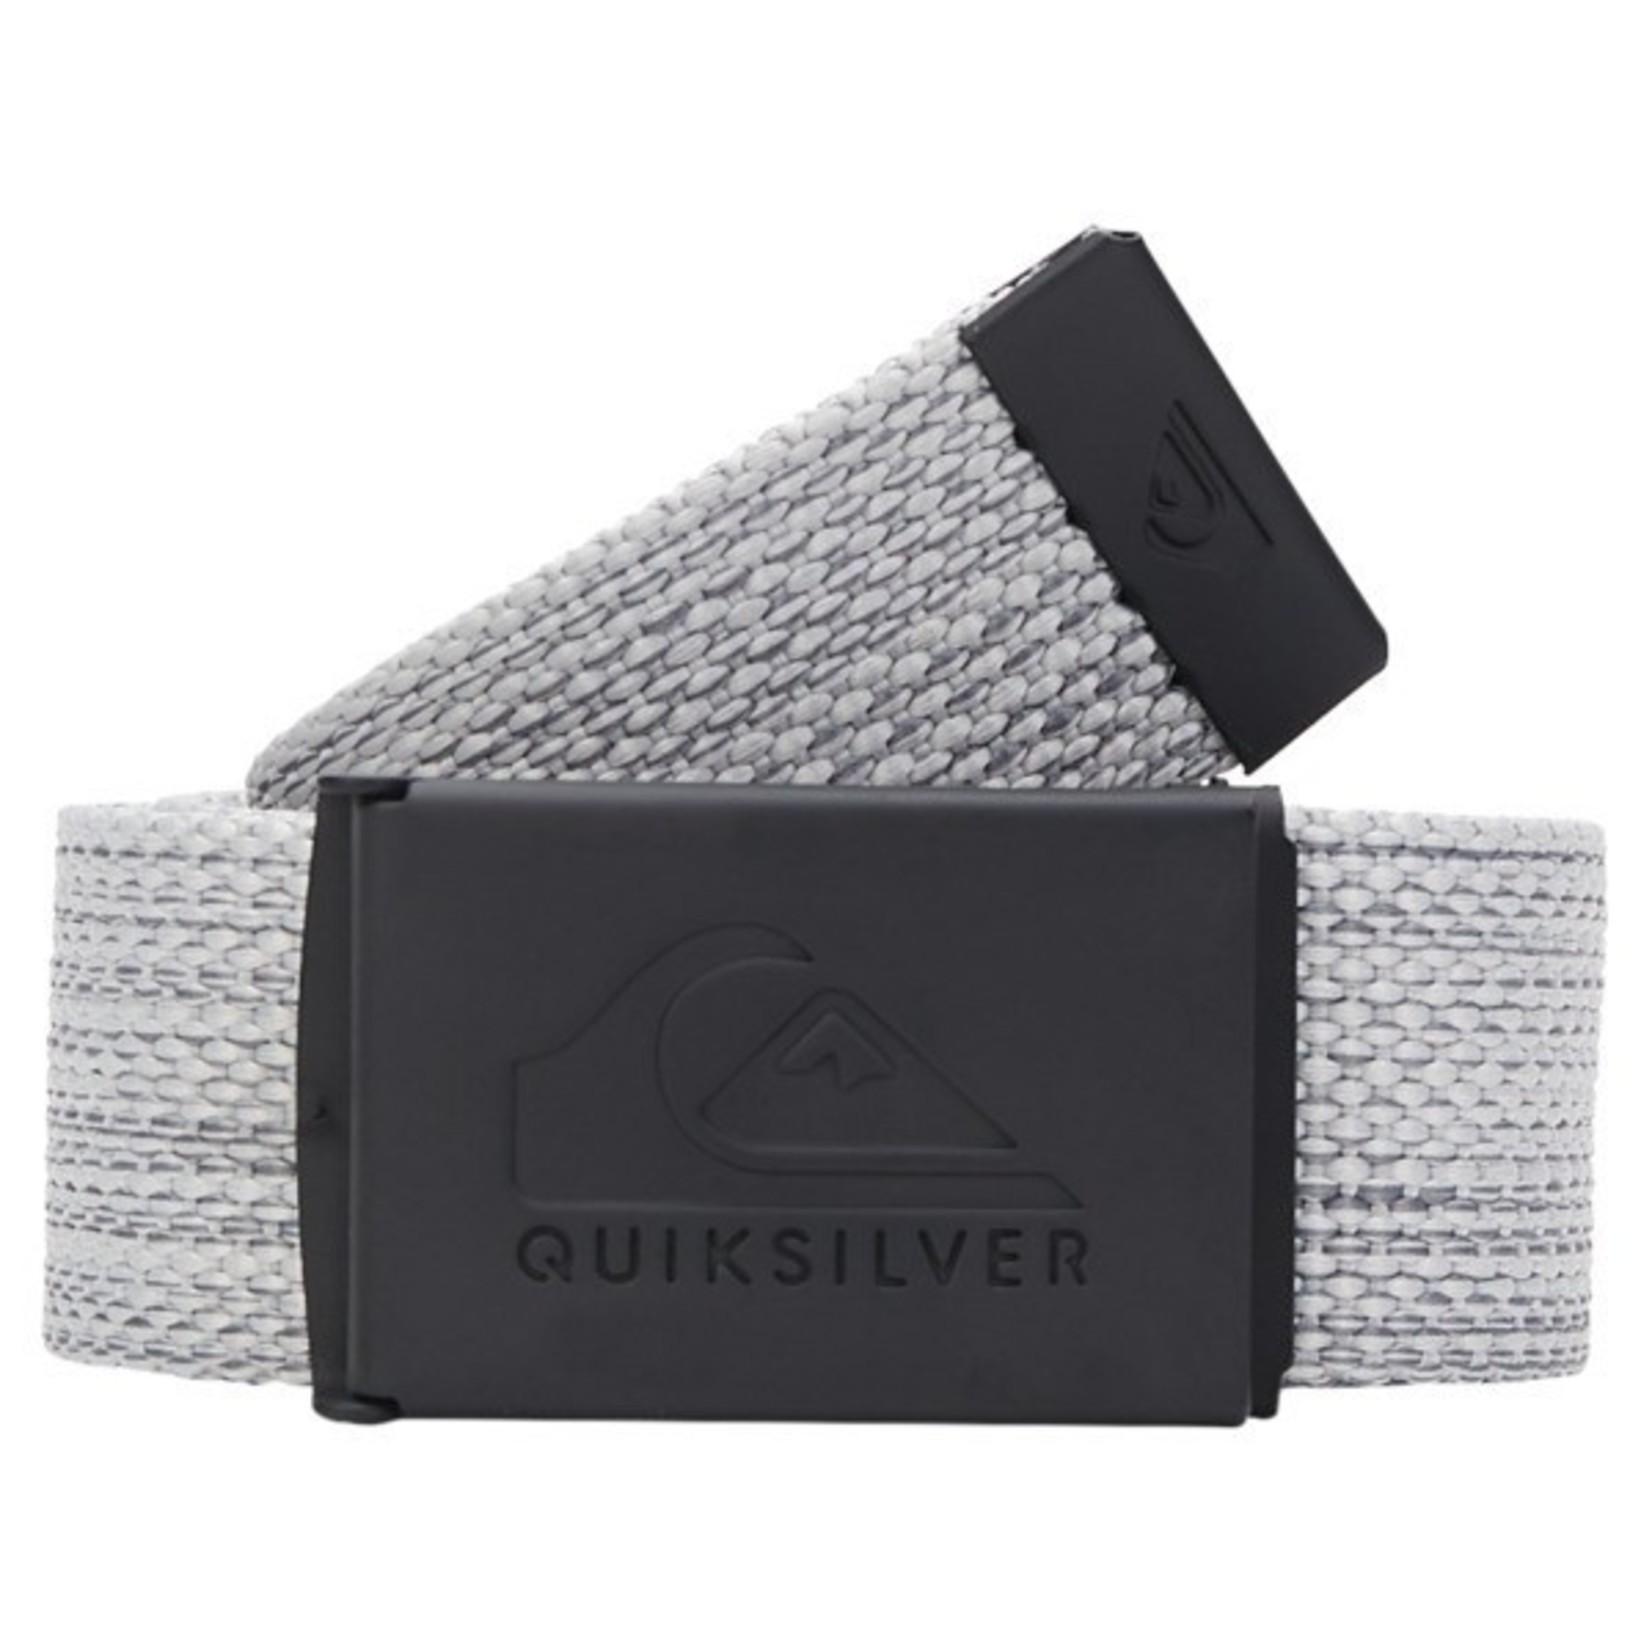 Quiksilver Quiksilver Principal Schwack Belt